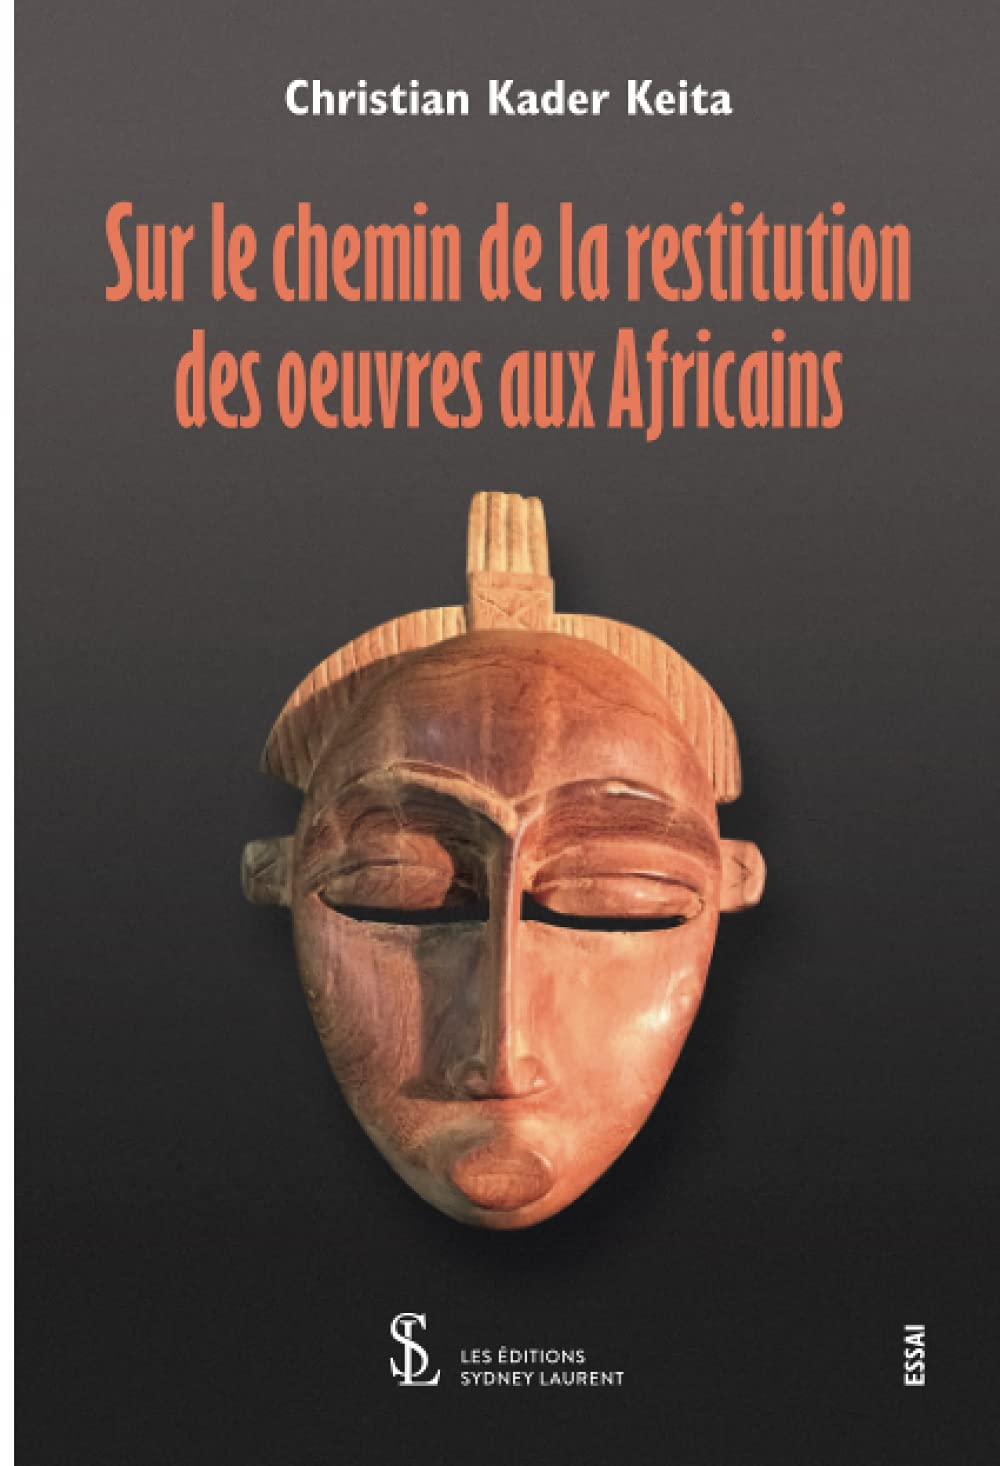 Christian Kader Keita - Sur le chemin de la restitution des œuvres aux africains (Sydney Laurent Editions, Parigi 2021)